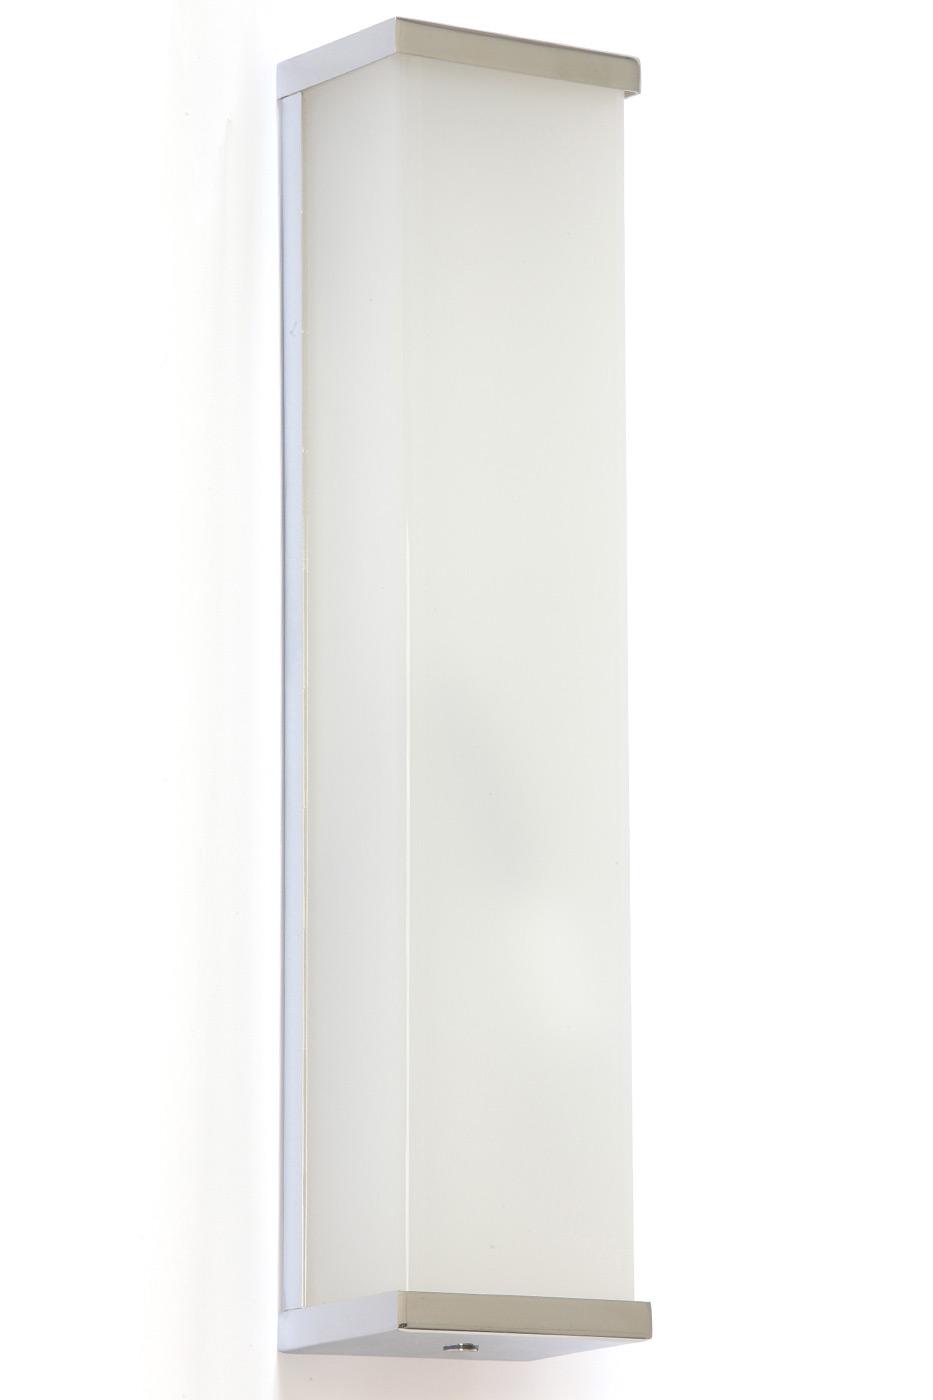 Hohe Chrom Wandleuchte Z.B. Für Bad Spiegel, LED Von Edition Casa Lumi,